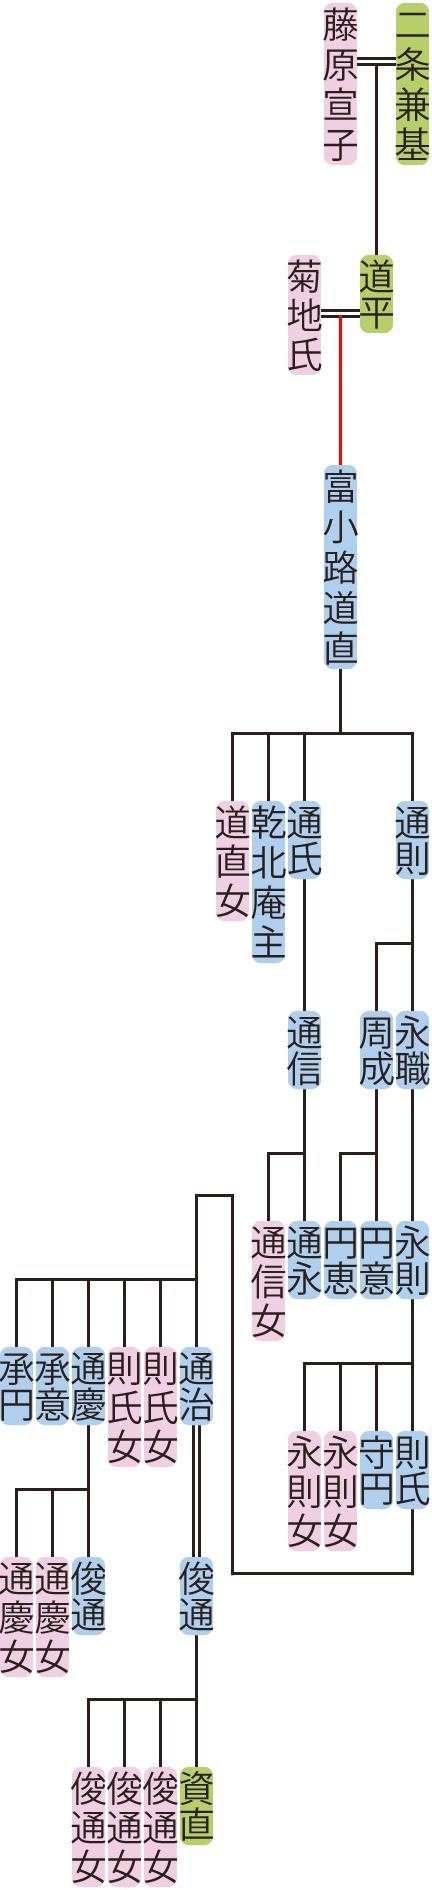 富小路道直~通治の系図